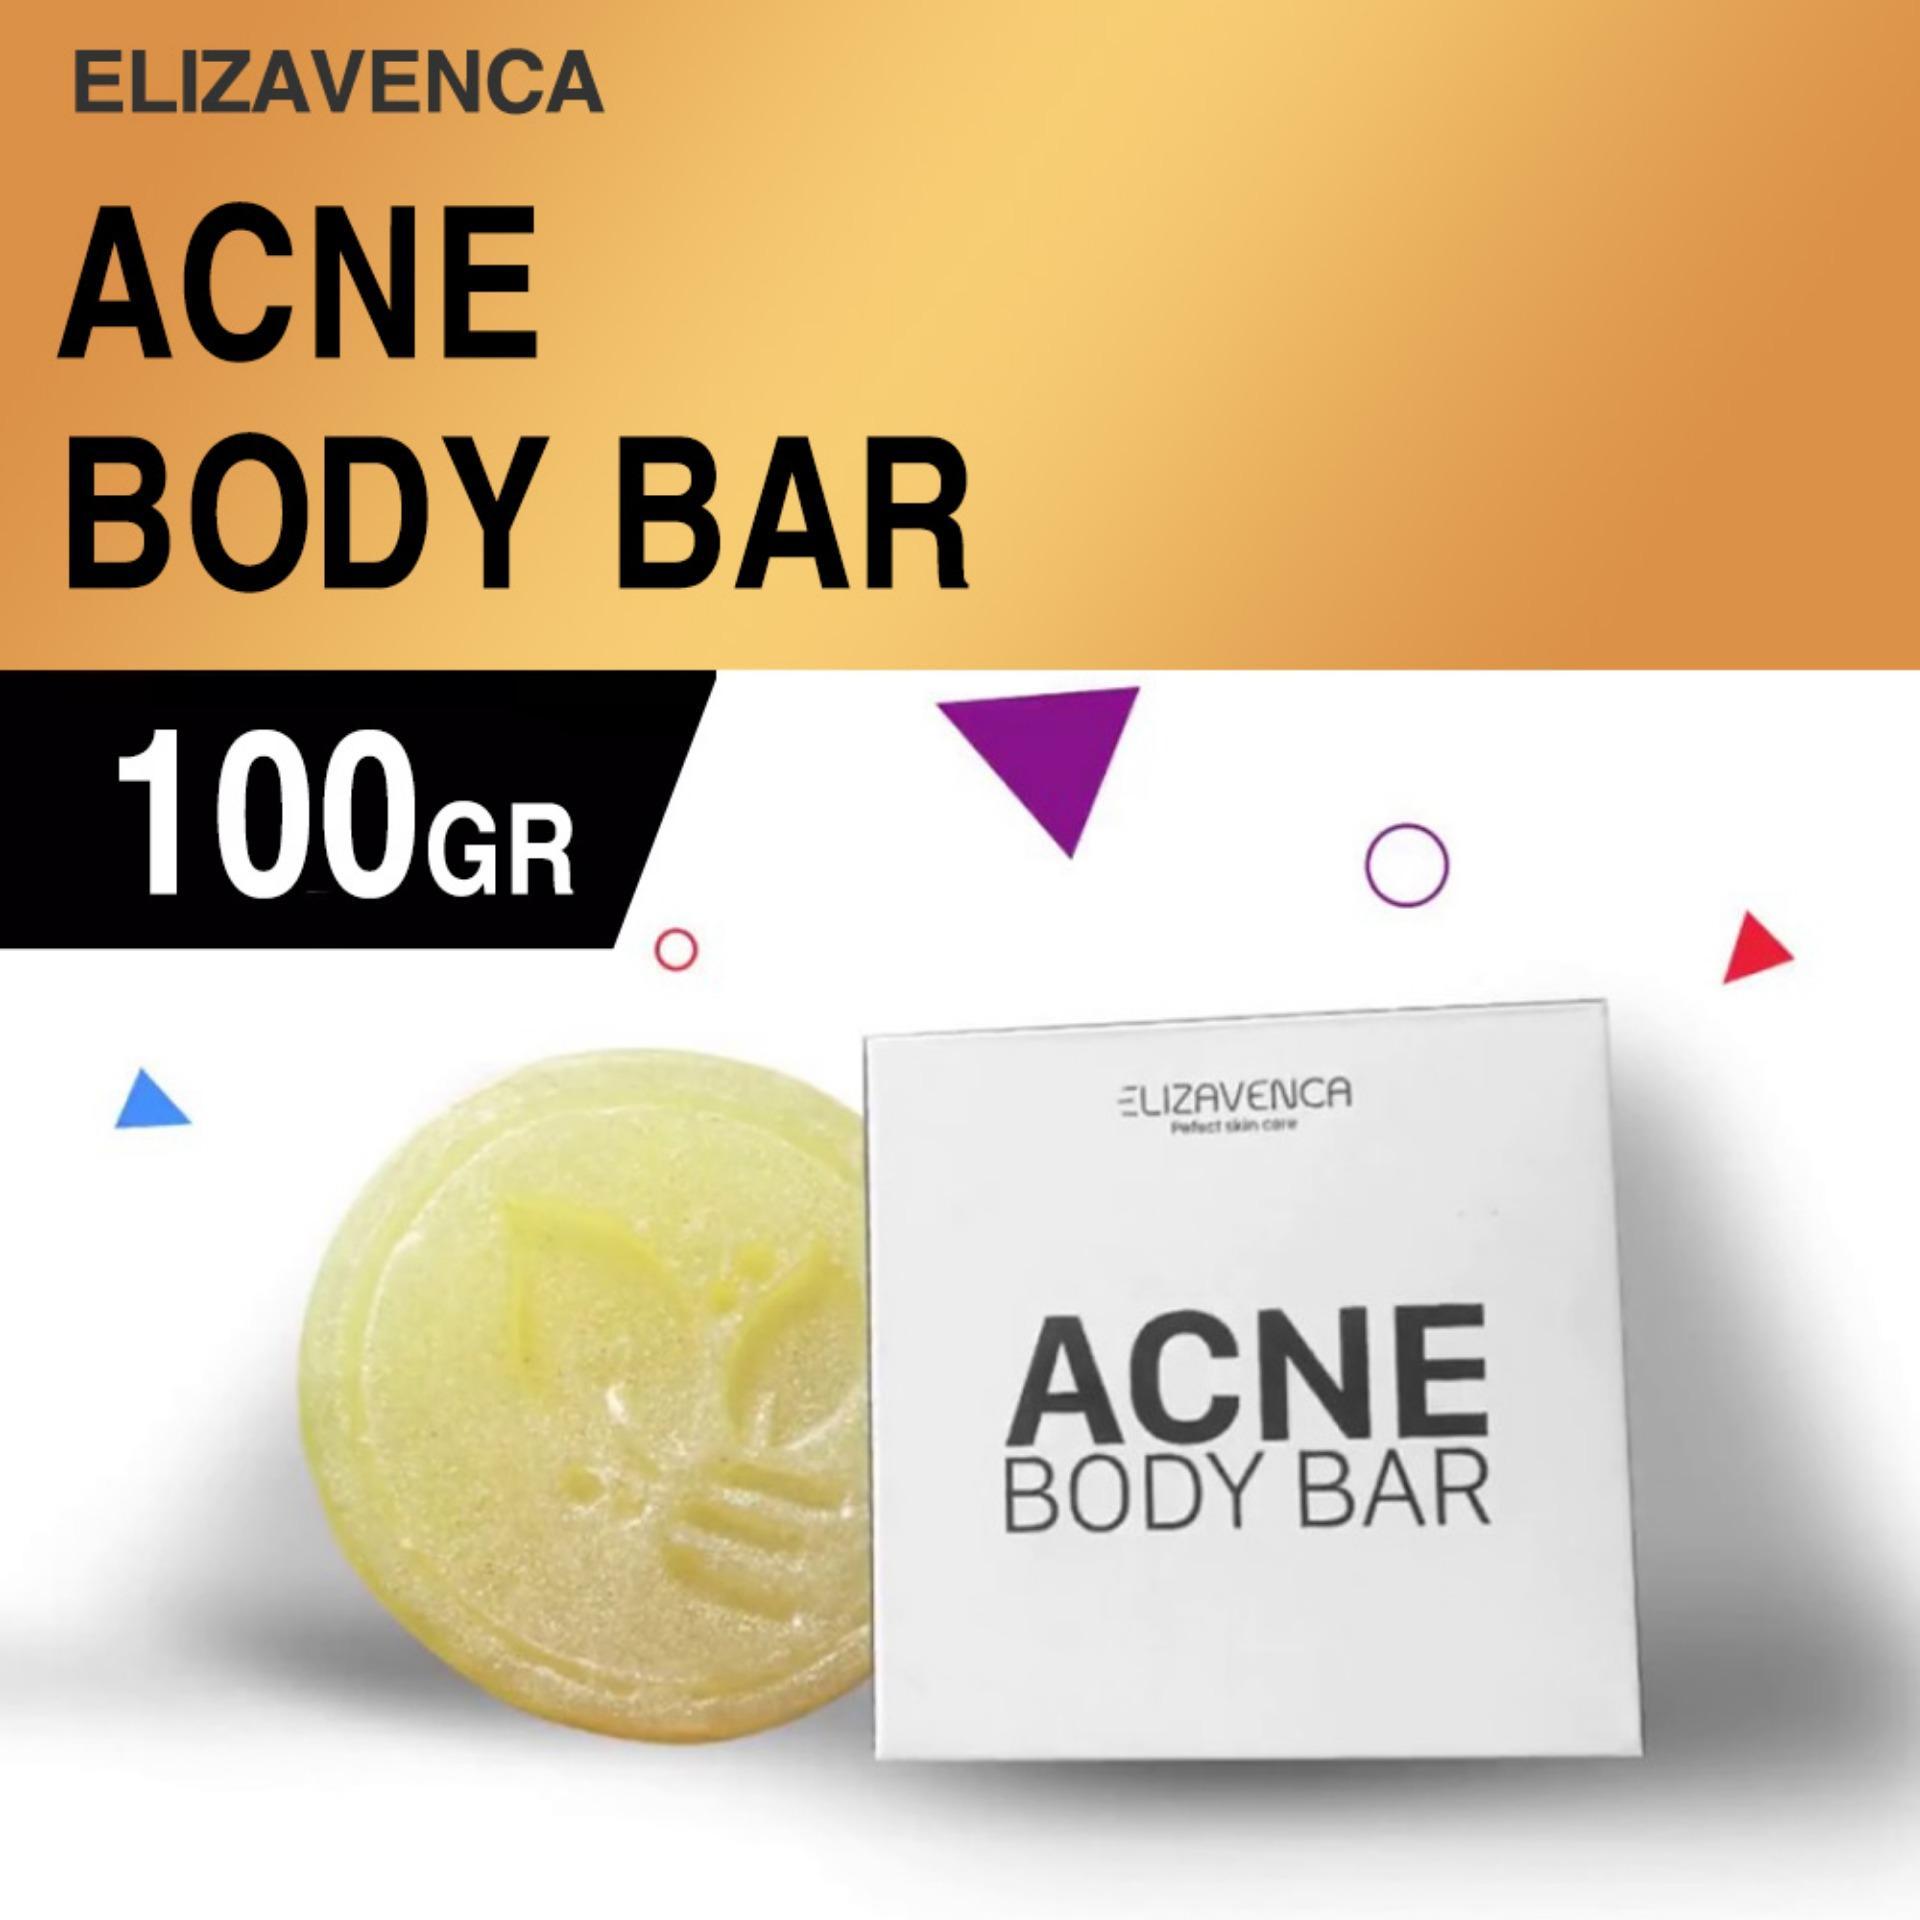 Xà phòng trị thâm mông vùng kín Elizavenca Acne Body Bar (Đặc trị mụn, thâm, xạm, viêm chân lông)